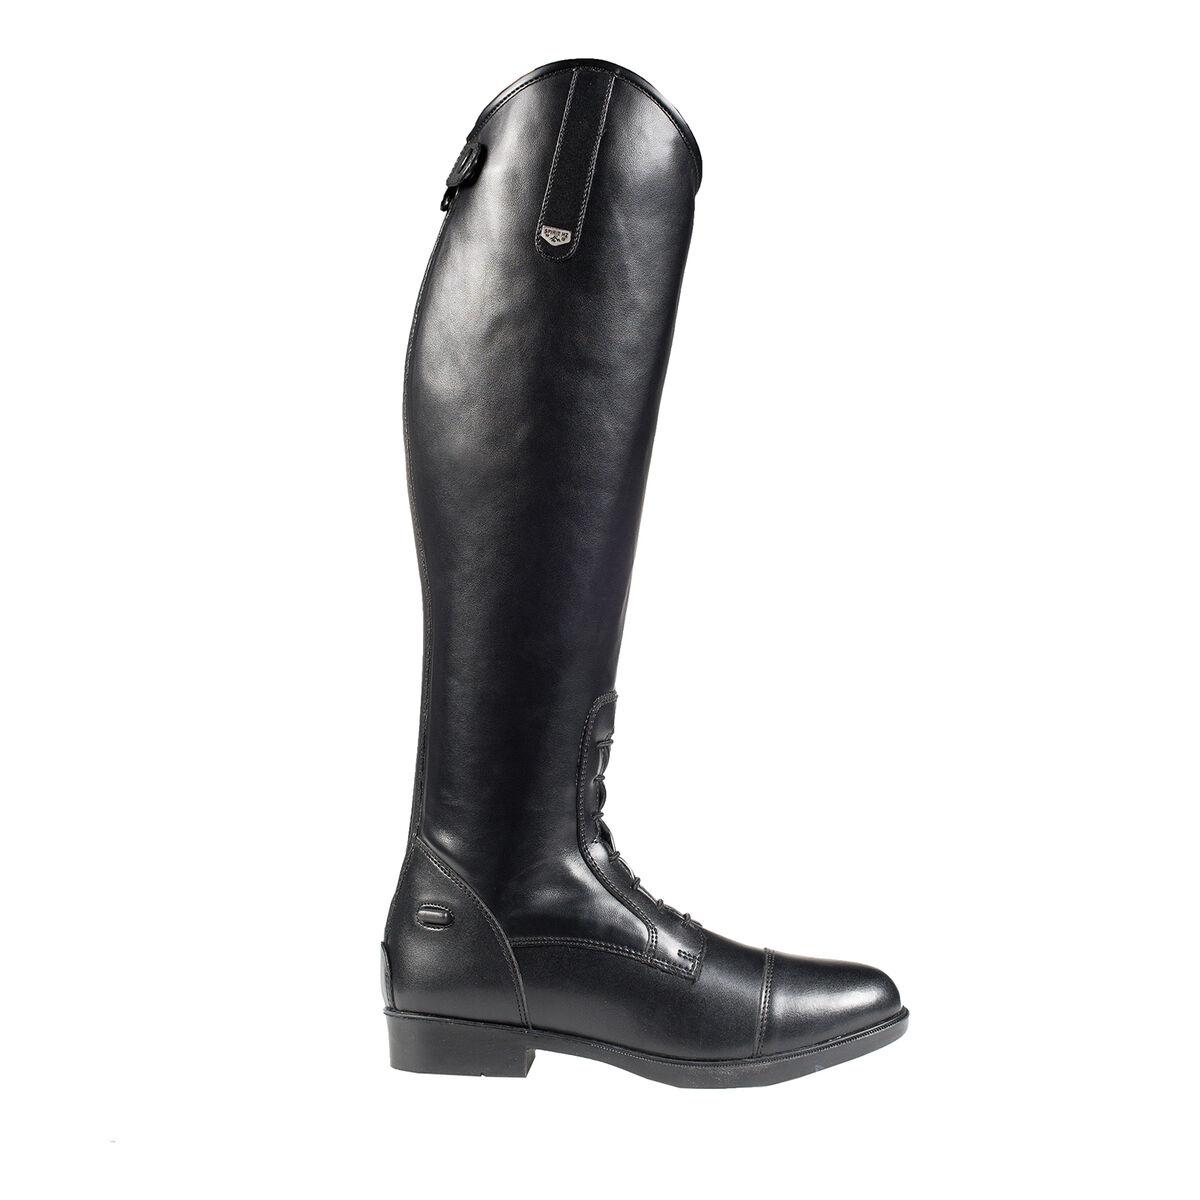 Horze Rover Field Tall Boots | Horze